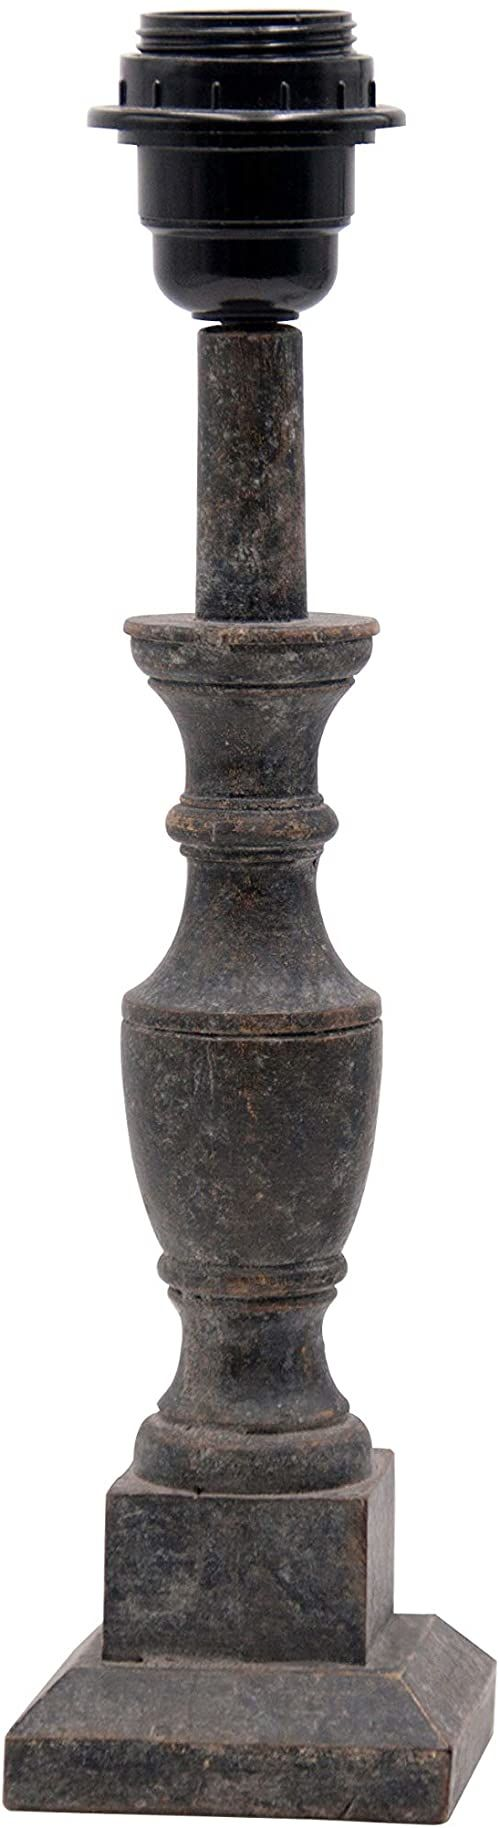 Lampa stołowa z drewna z kwadratową podstawą, czarna, 8 x 8 x 32 cm, materiał: drewno (referencja: 2971402)